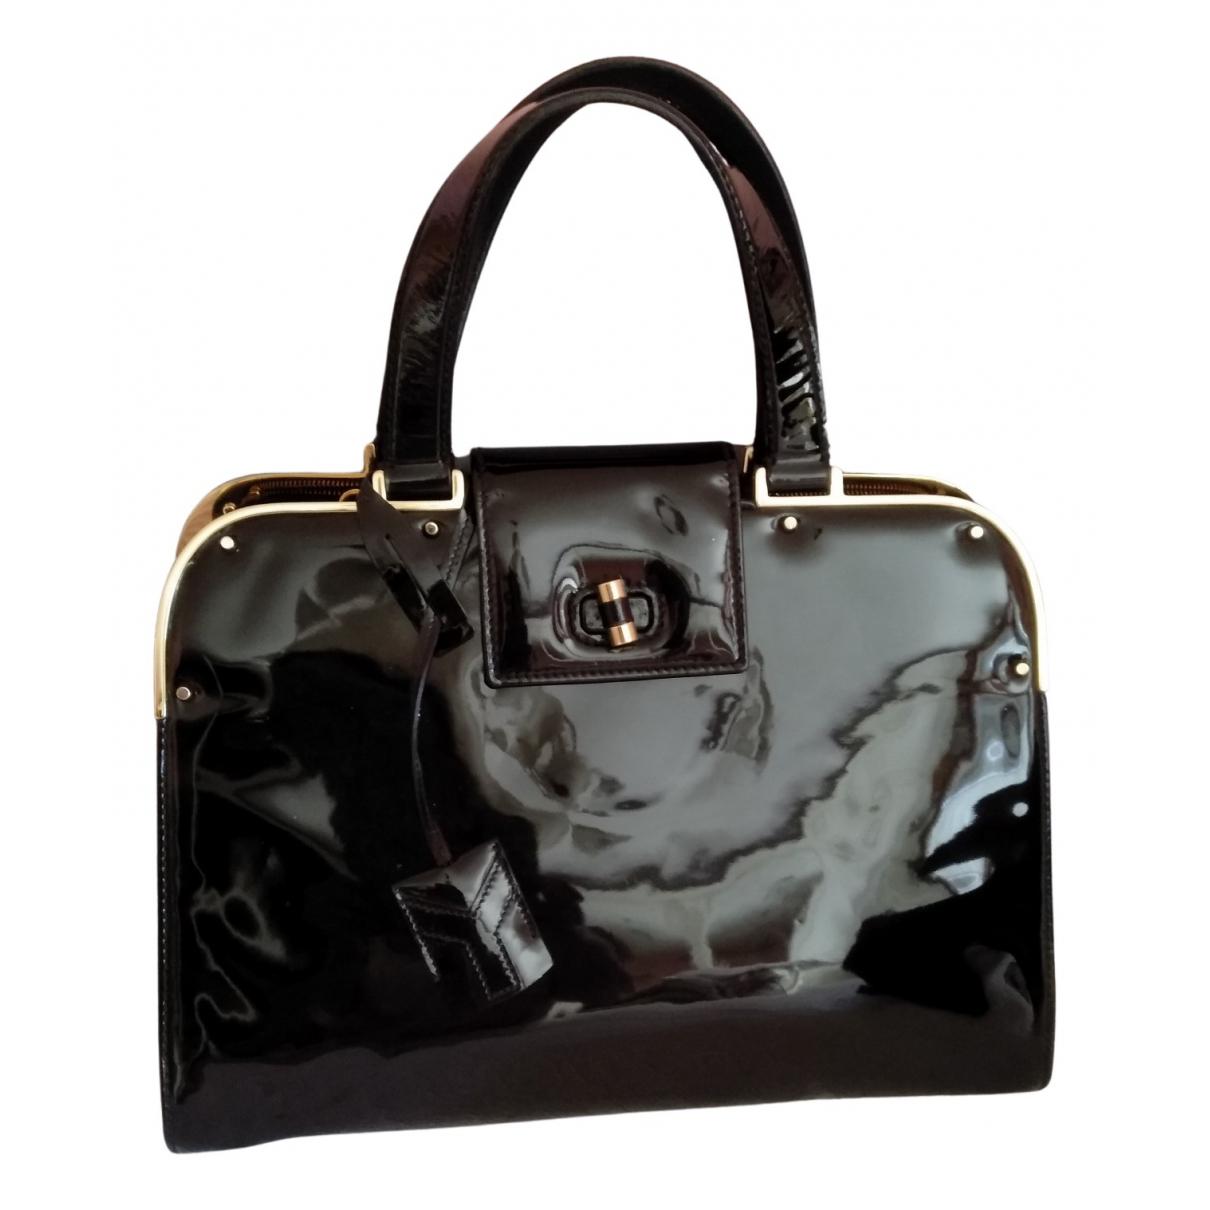 Yves Saint Laurent N Black Patent leather handbag for Women N